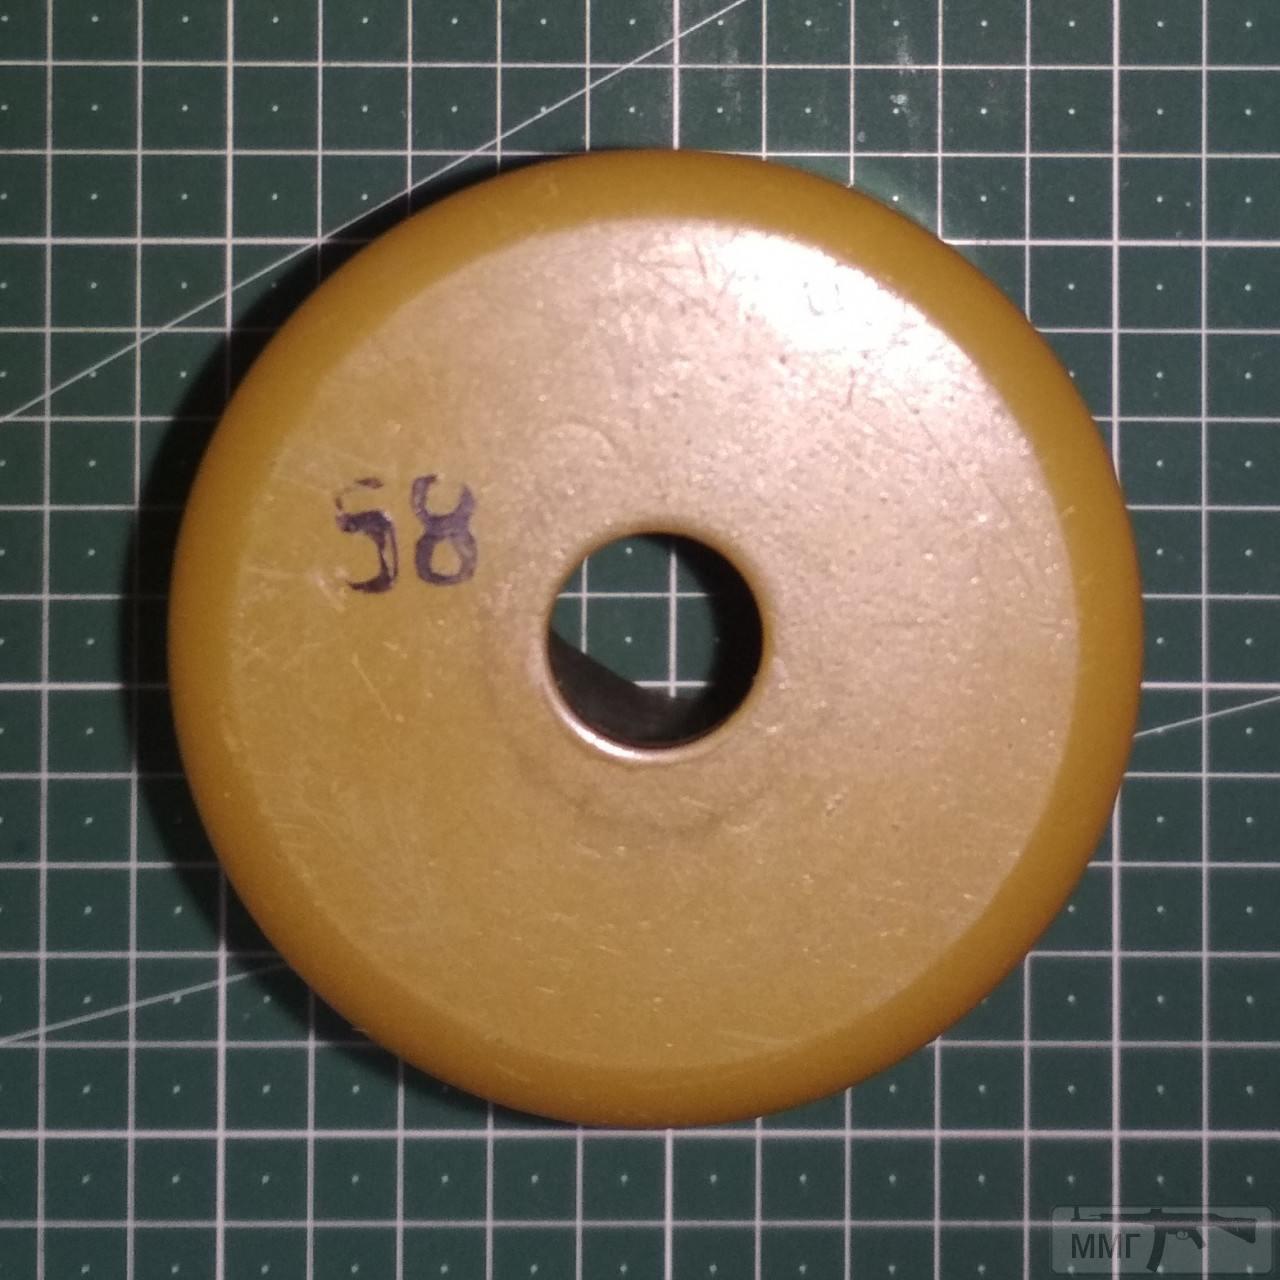 108081 - стакан і підривач міни ПОМ-2